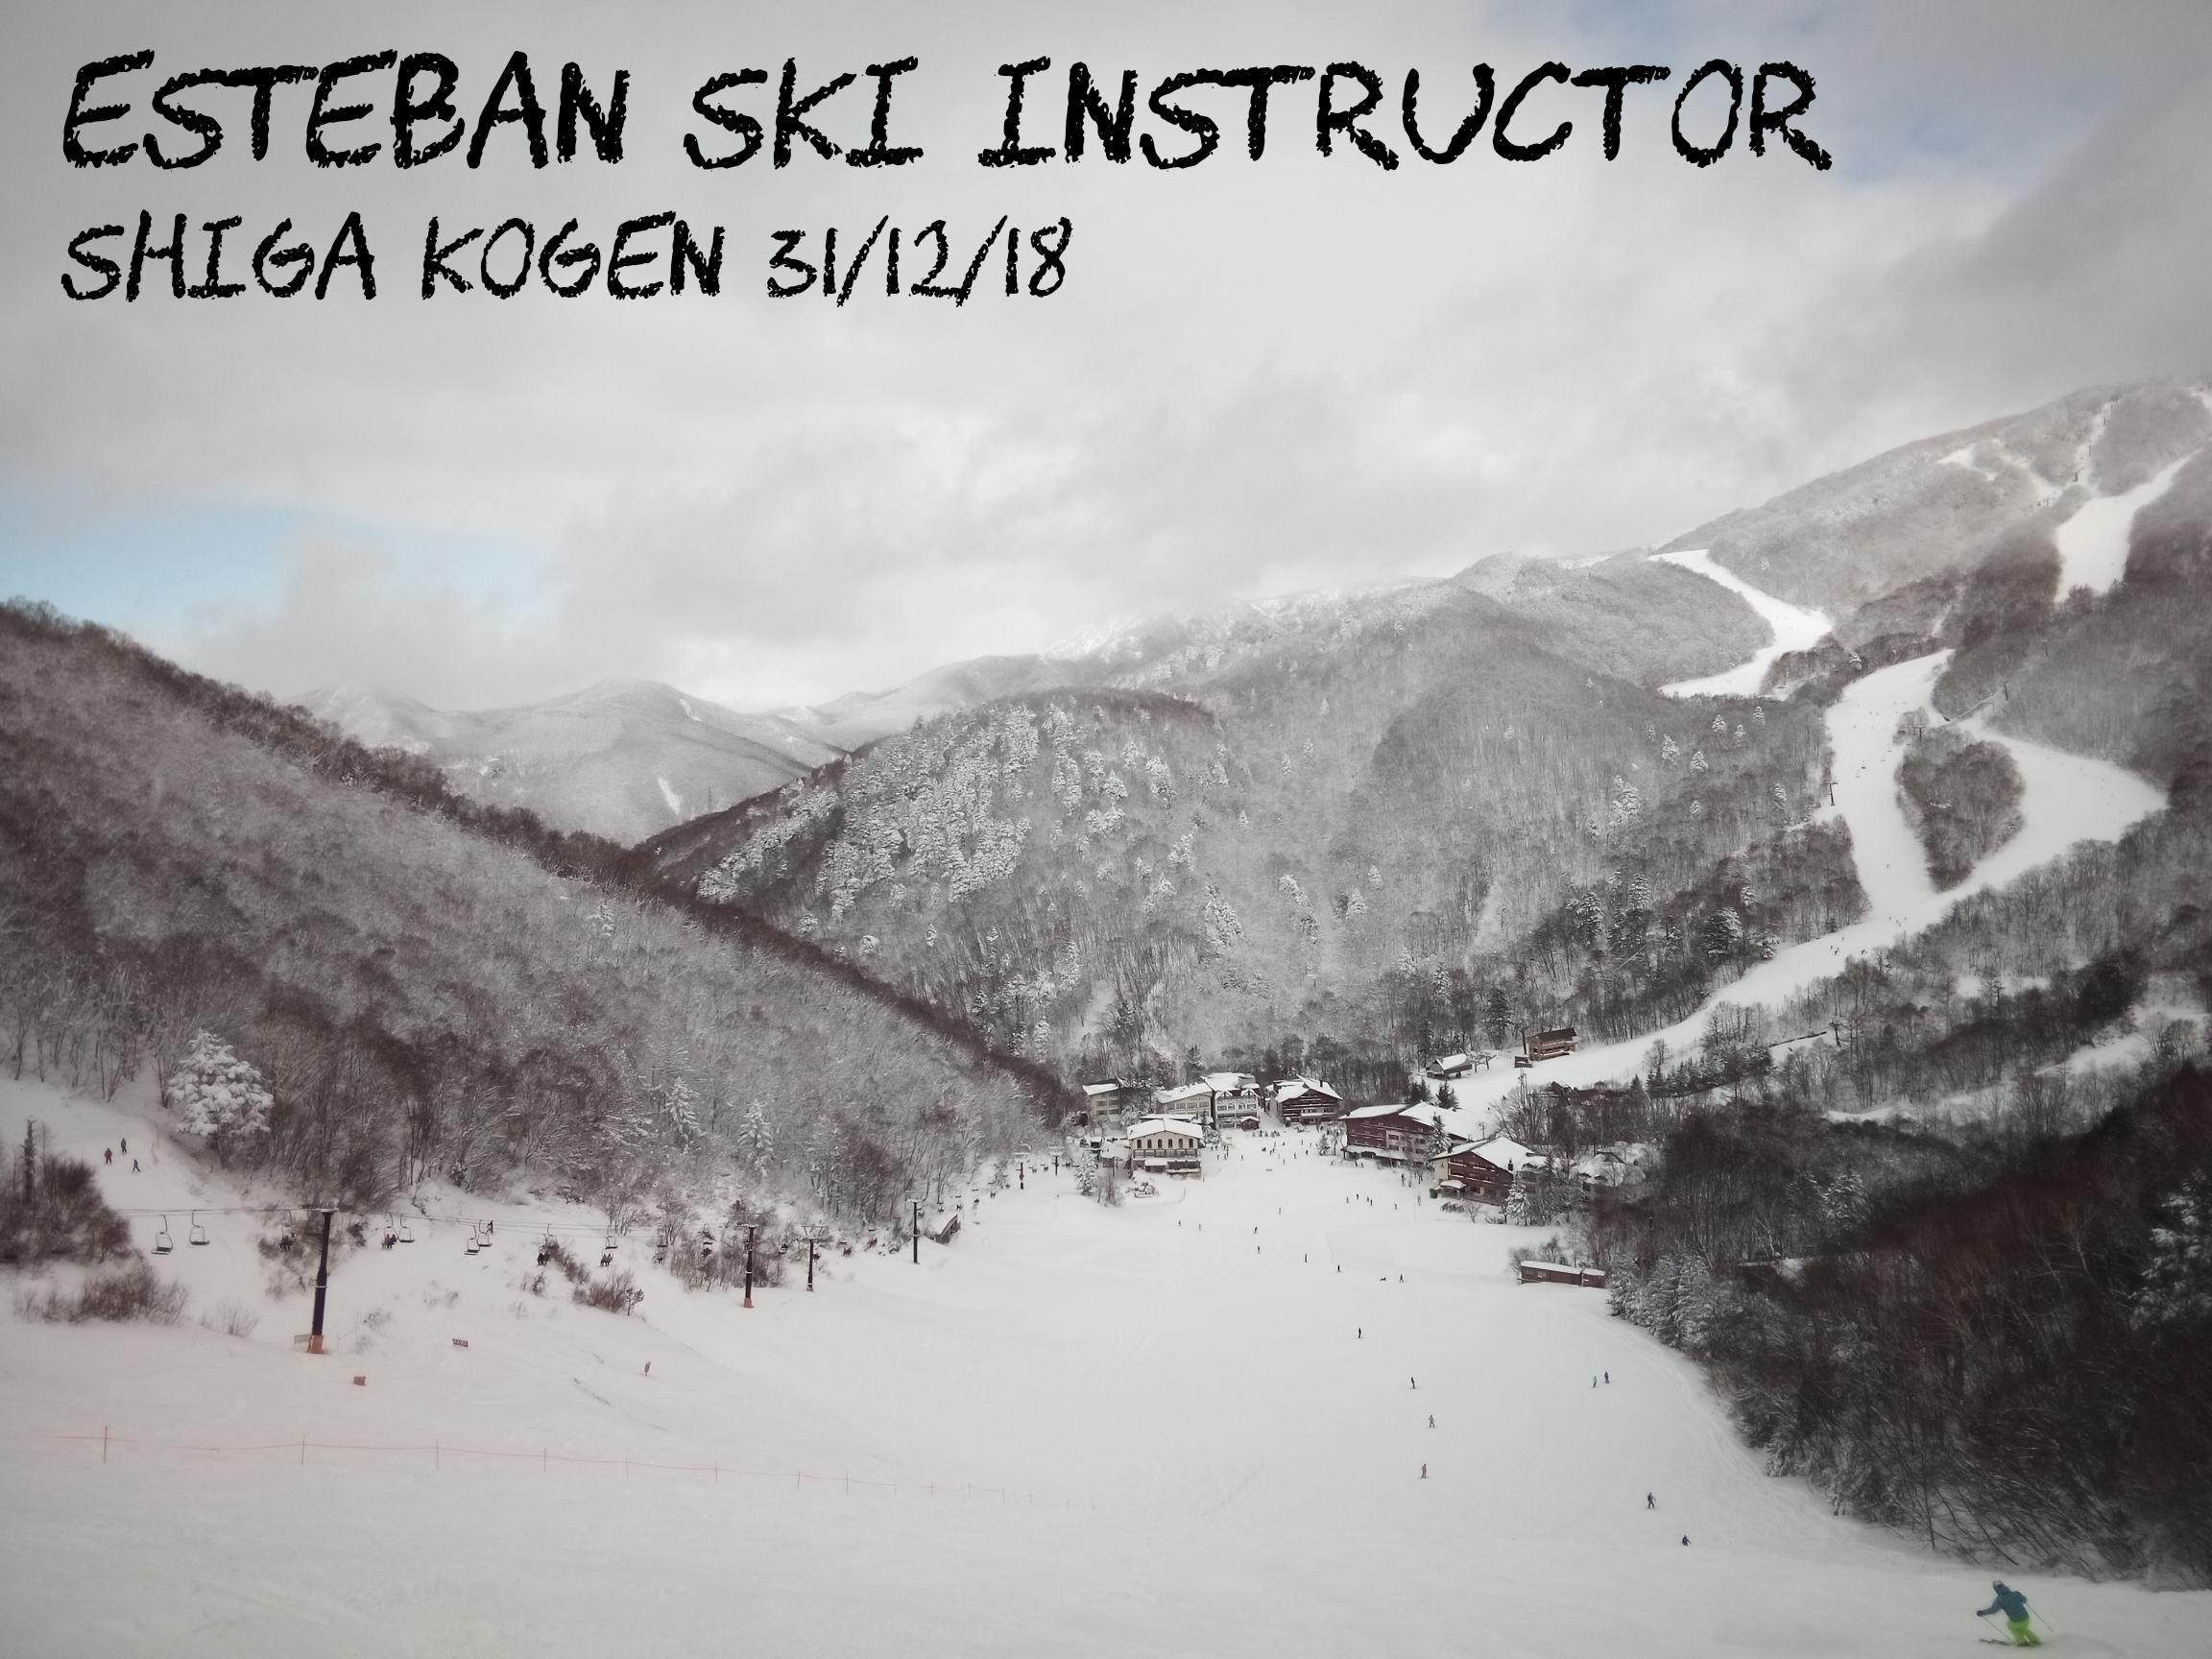 Giant - Shiga Kogen by Esteban Ski Instructor, Shiga Kogen-Giant